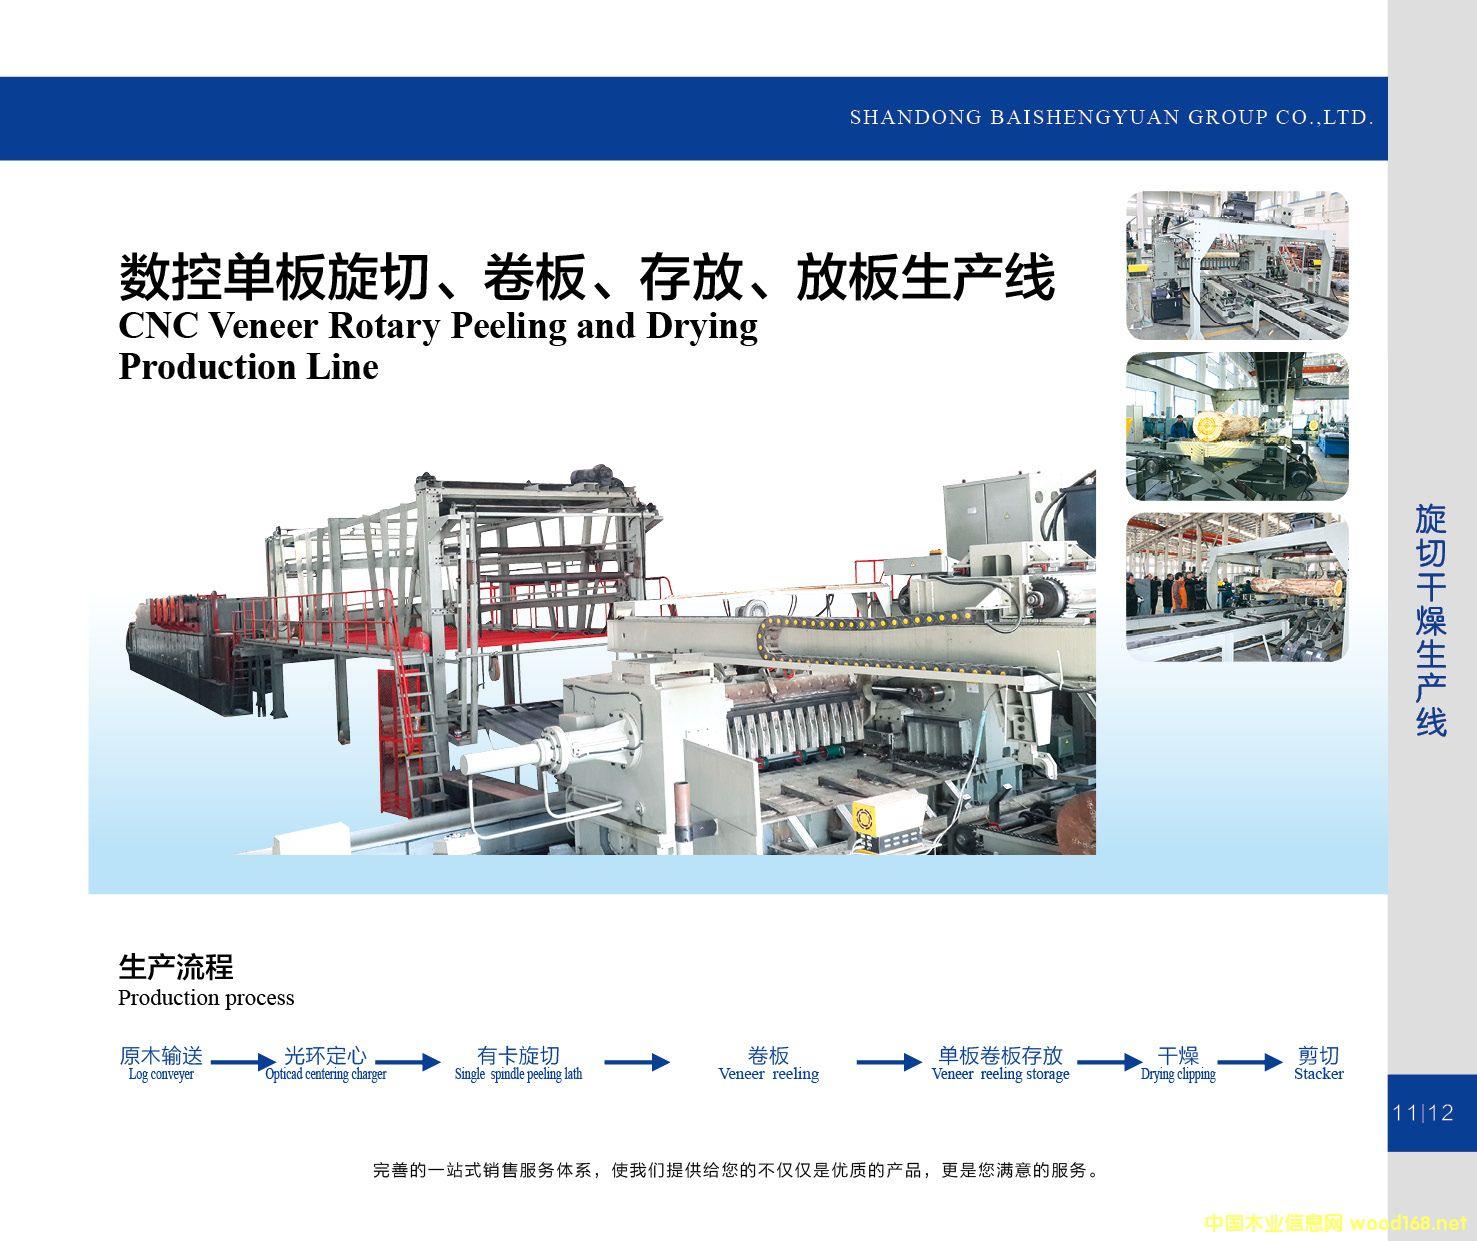 数控单板旋切、卷板、存放、放板生产线的详细介绍